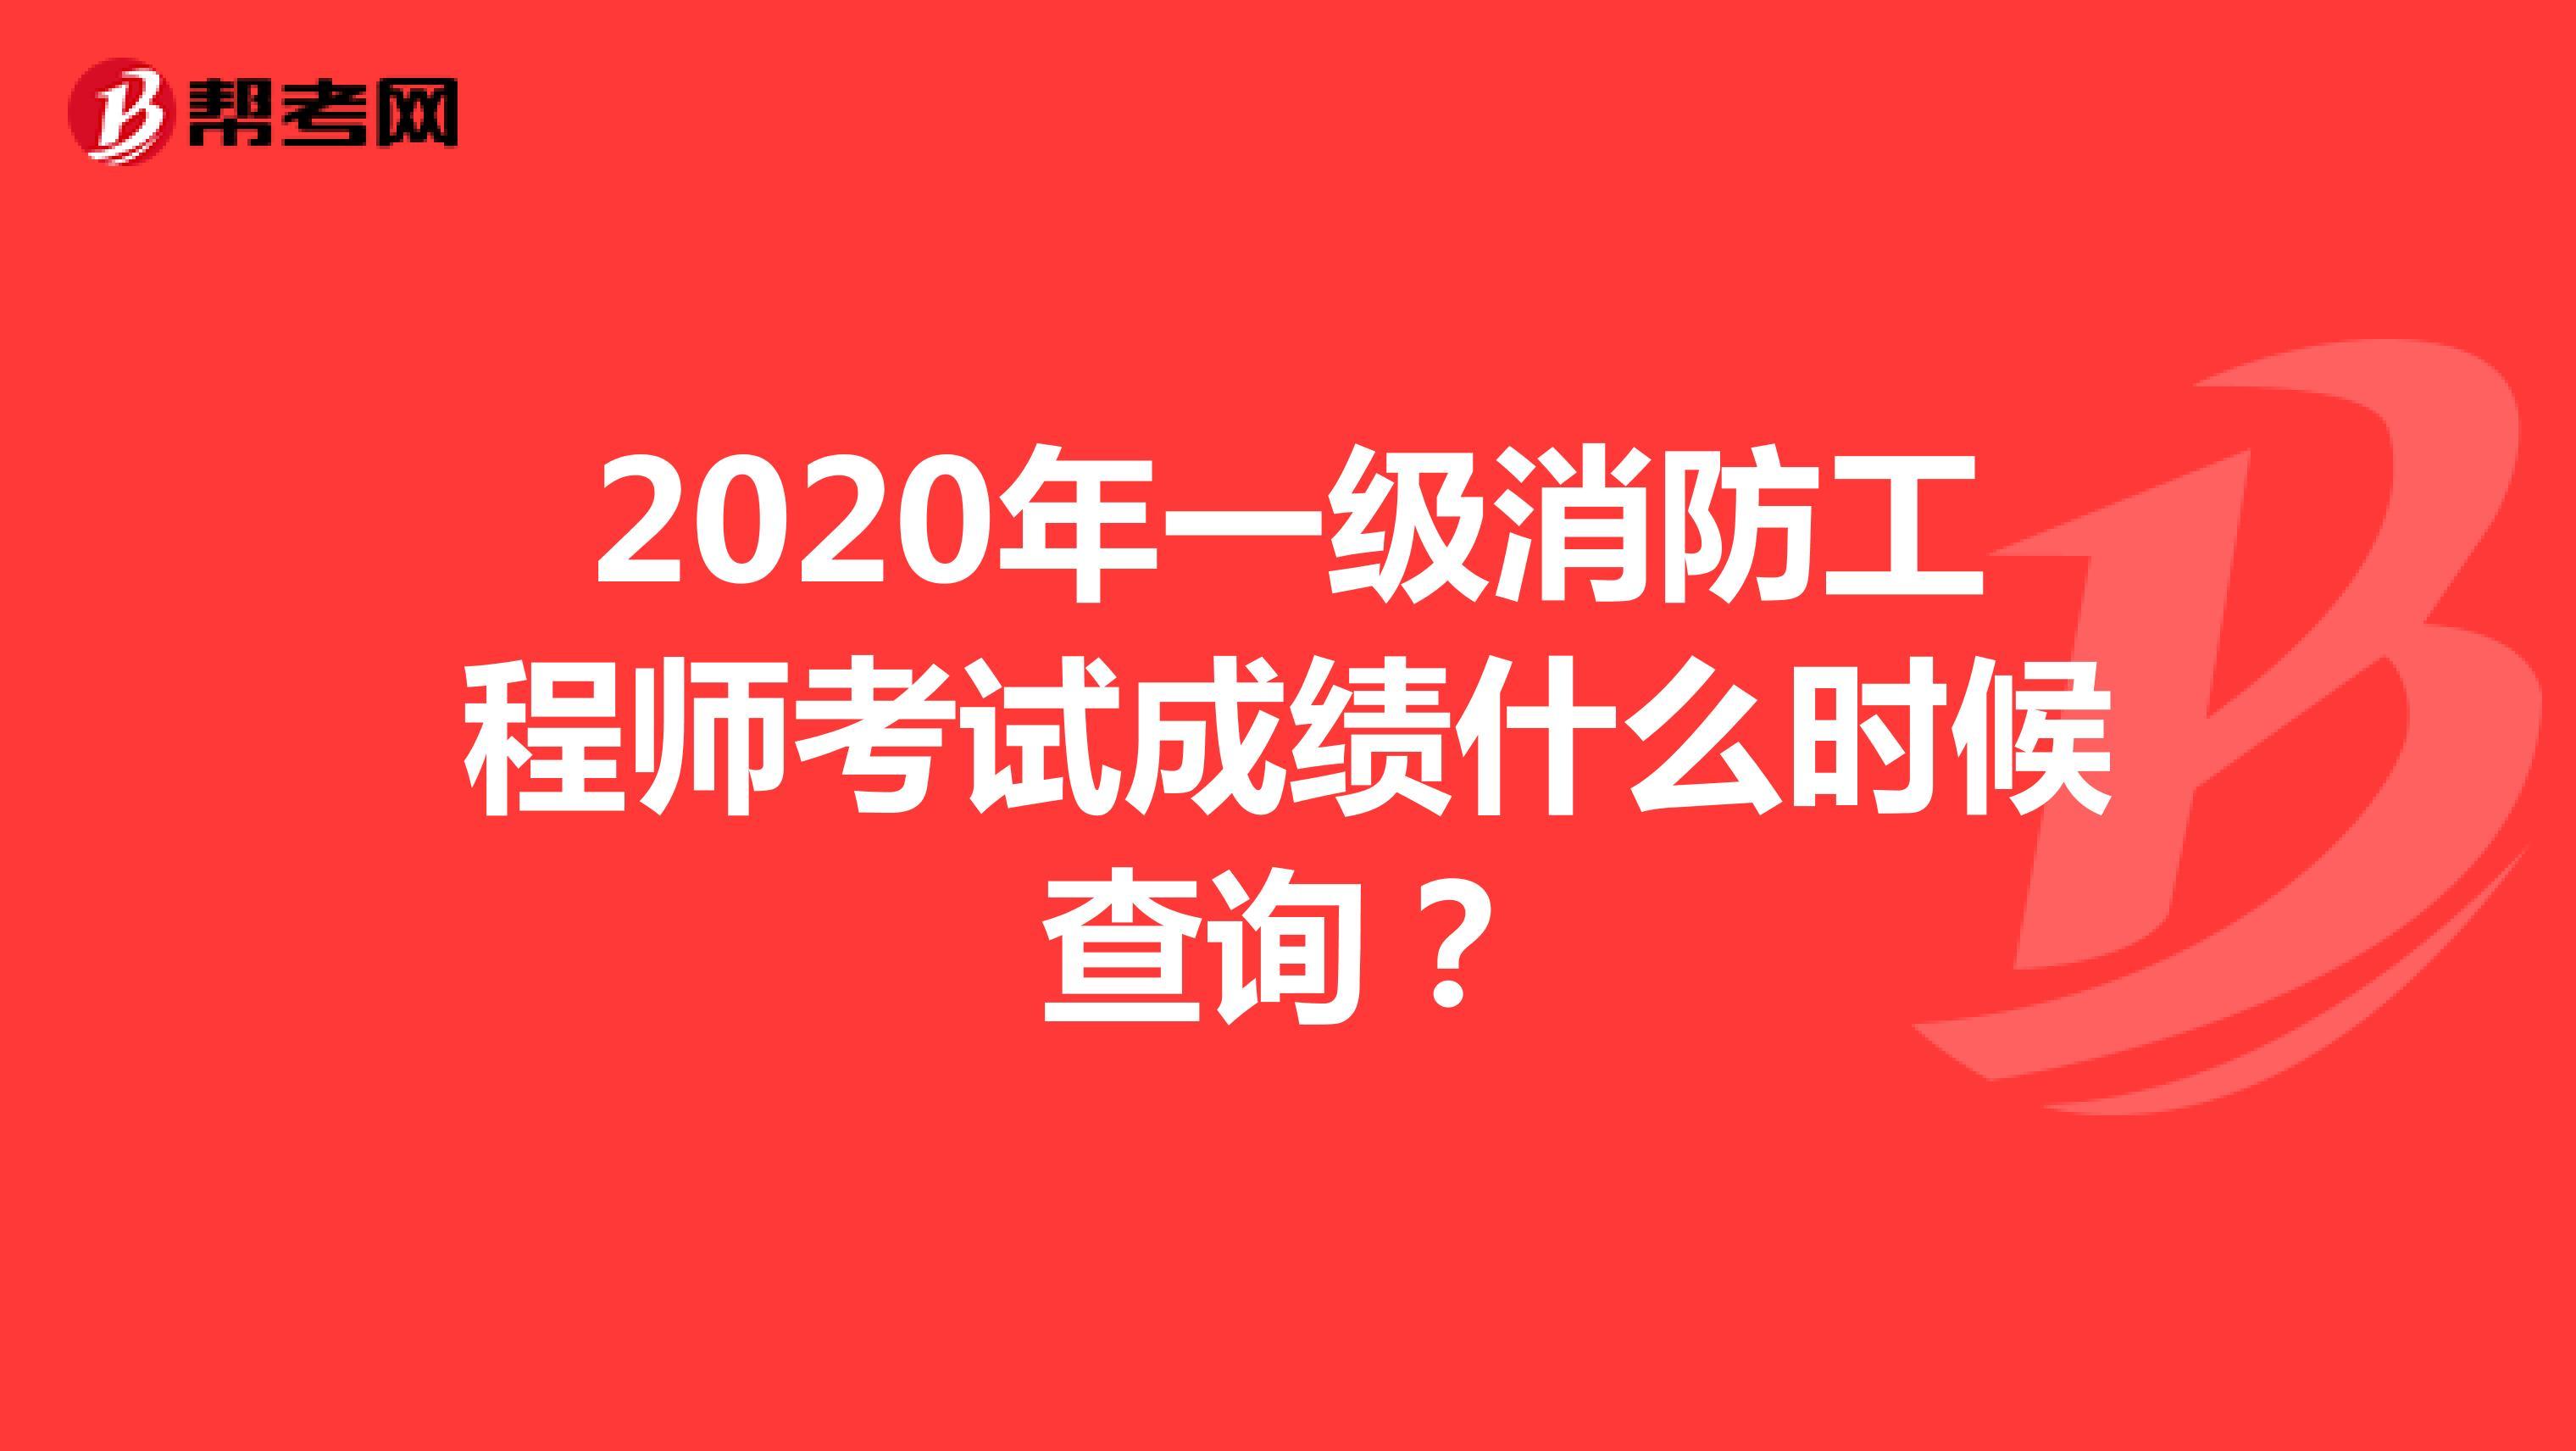 2020年一级消防工程师考试成绩什么时候查询?